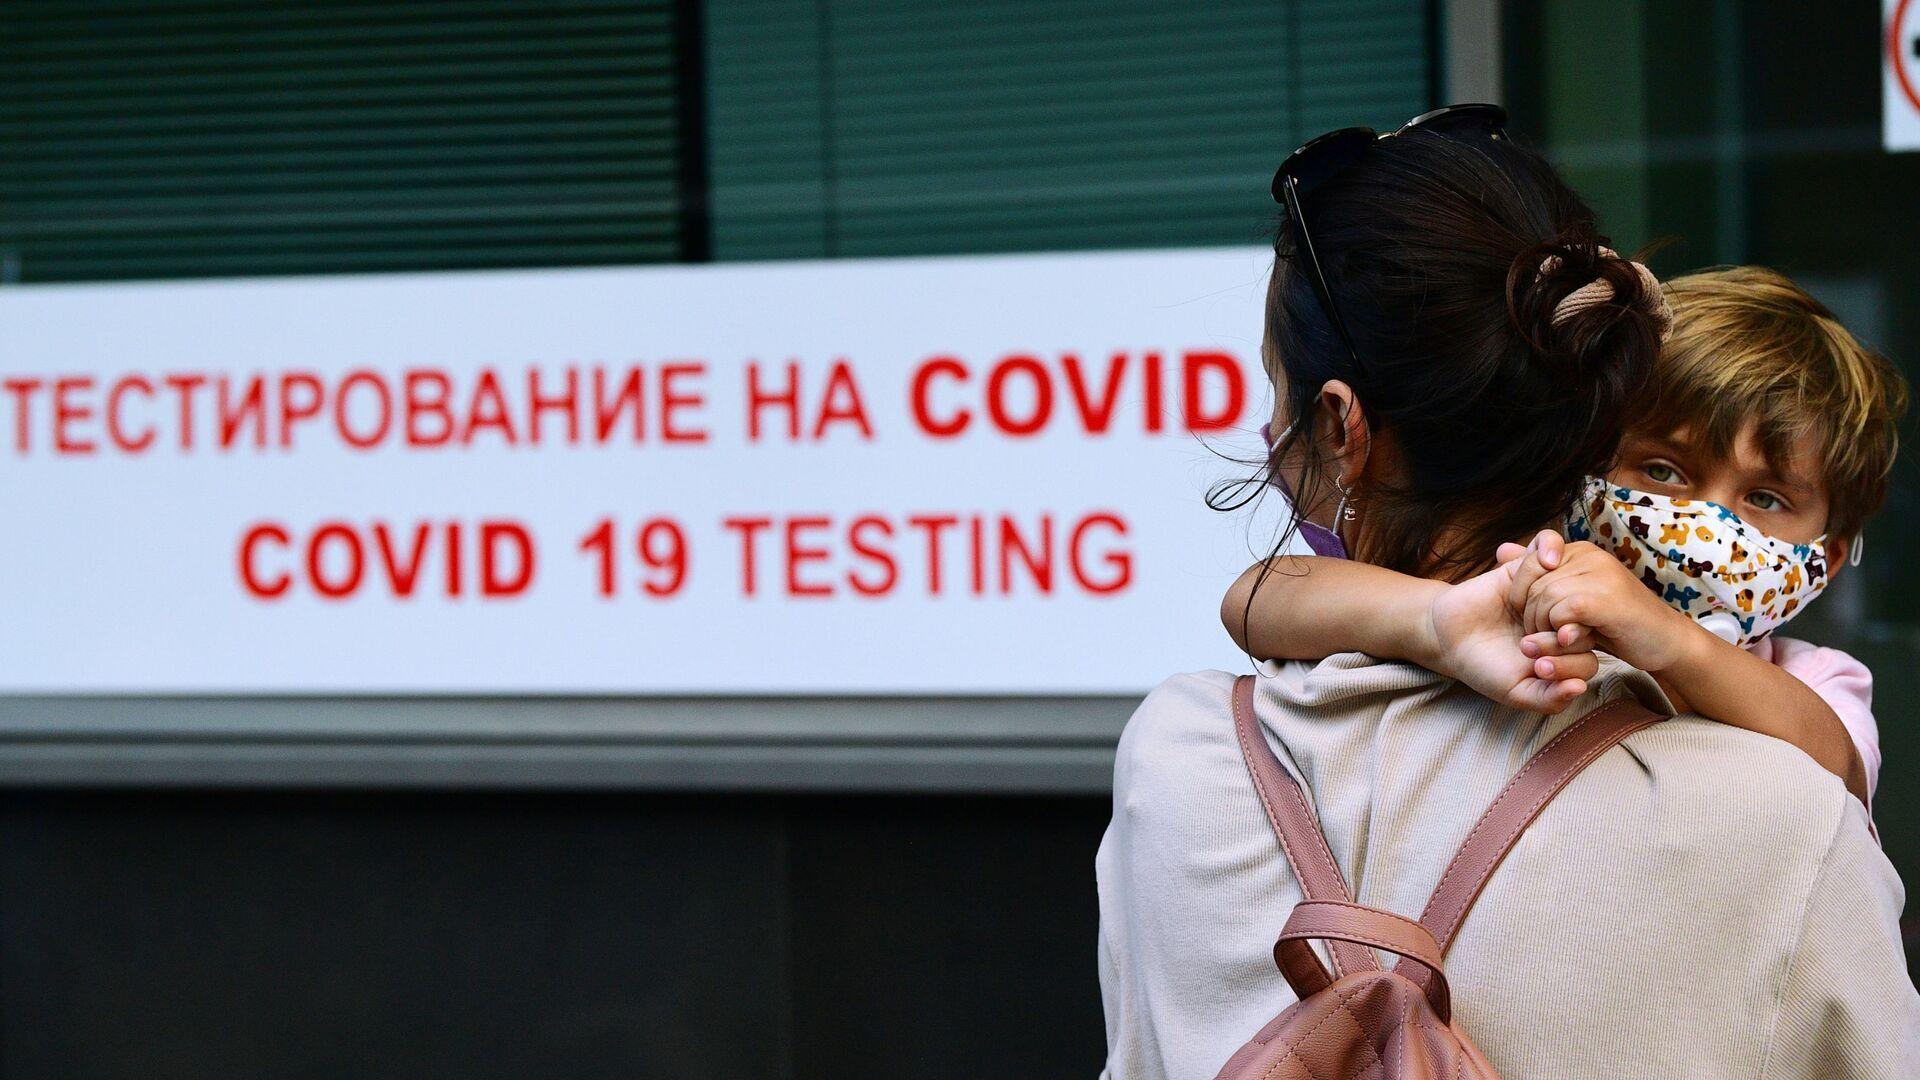 Экспресс-тестирование на COVID-19 в аэропорту Внуково - Sputnik Таджикистан, 1920, 05.10.2021